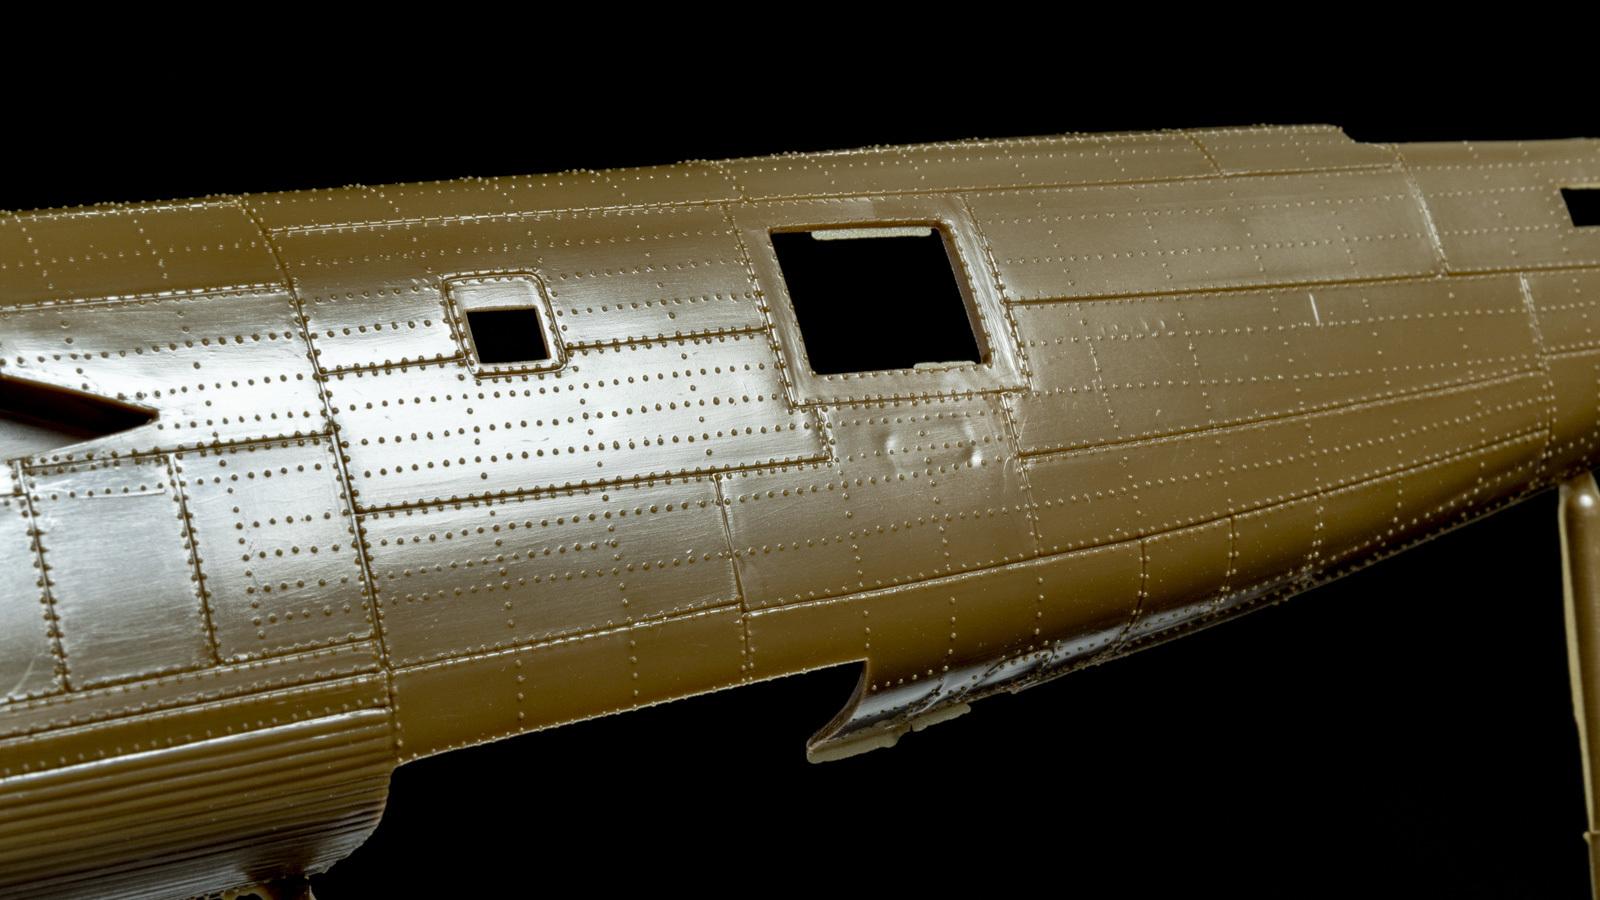 【パチ組みの月曜日】60年前の舶来キット、B-24リベレーターを貼る_b0029315_22195274.jpg